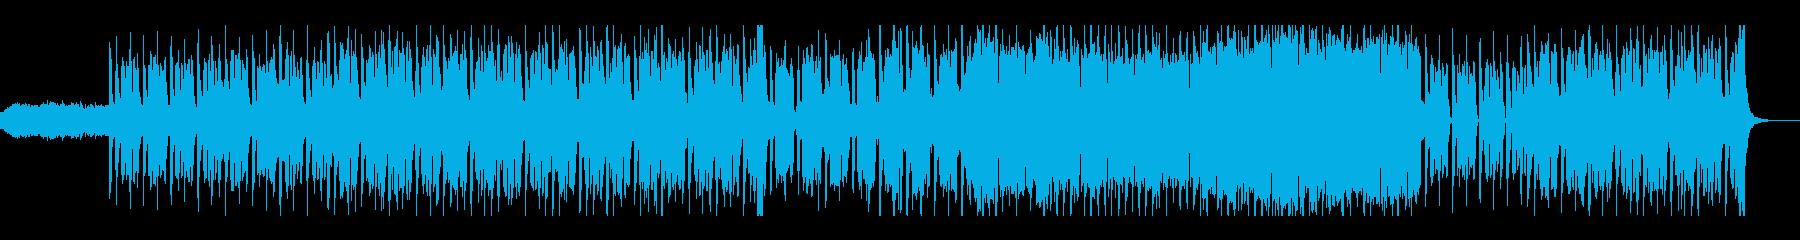 レトロなテクノポップの再生済みの波形